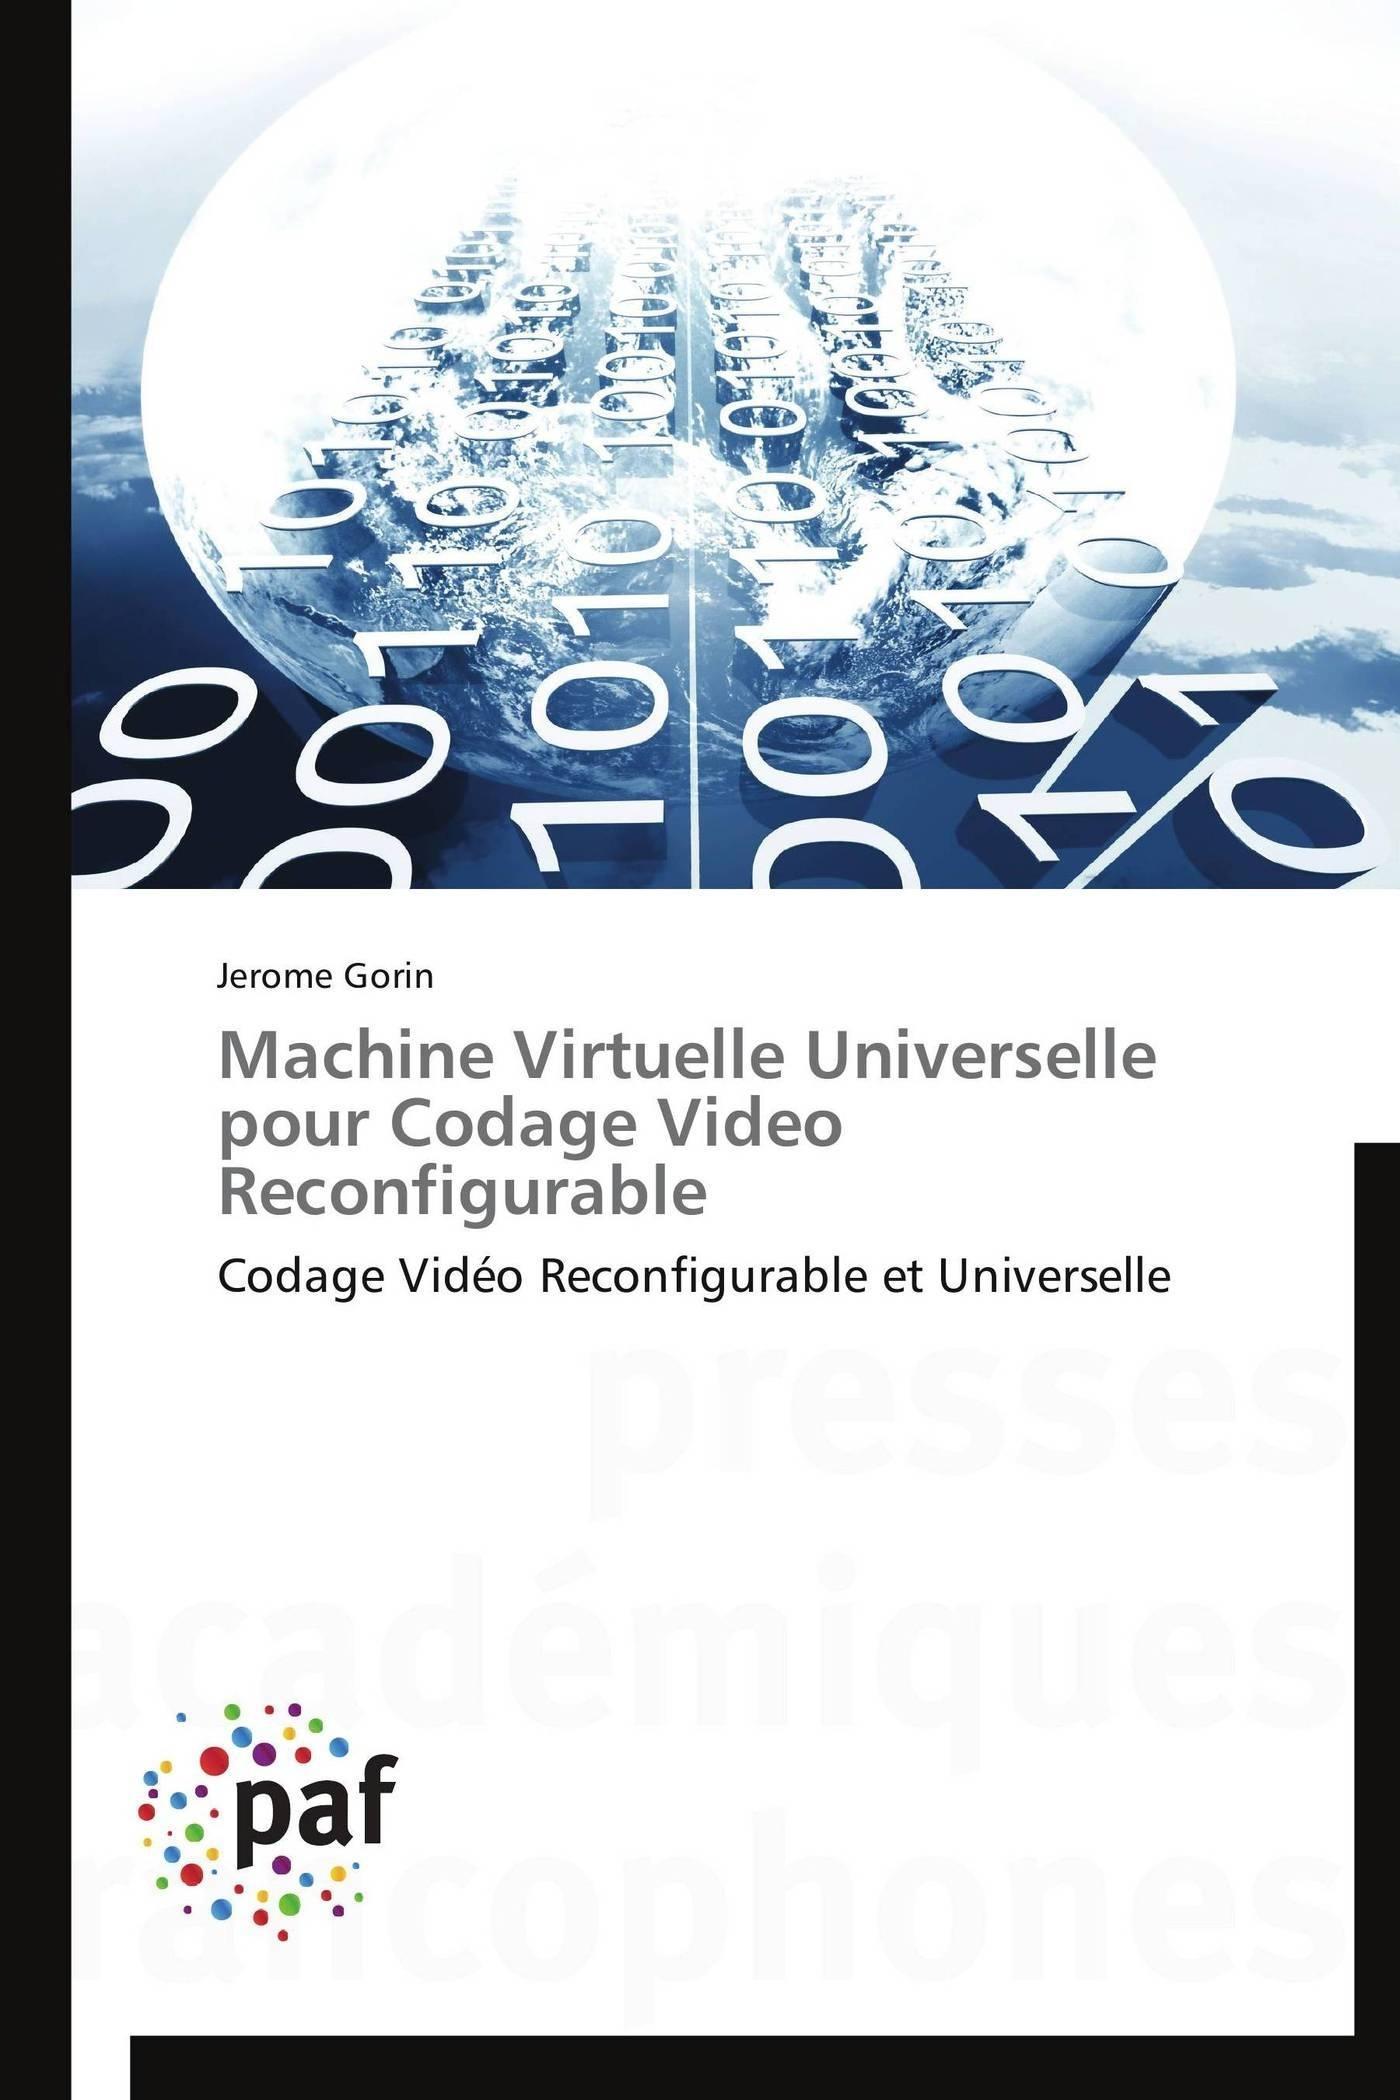 MACHINE VIRTUELLE UNIVERSELLE POUR CODAGE VIDEO RECONFIGURABLE